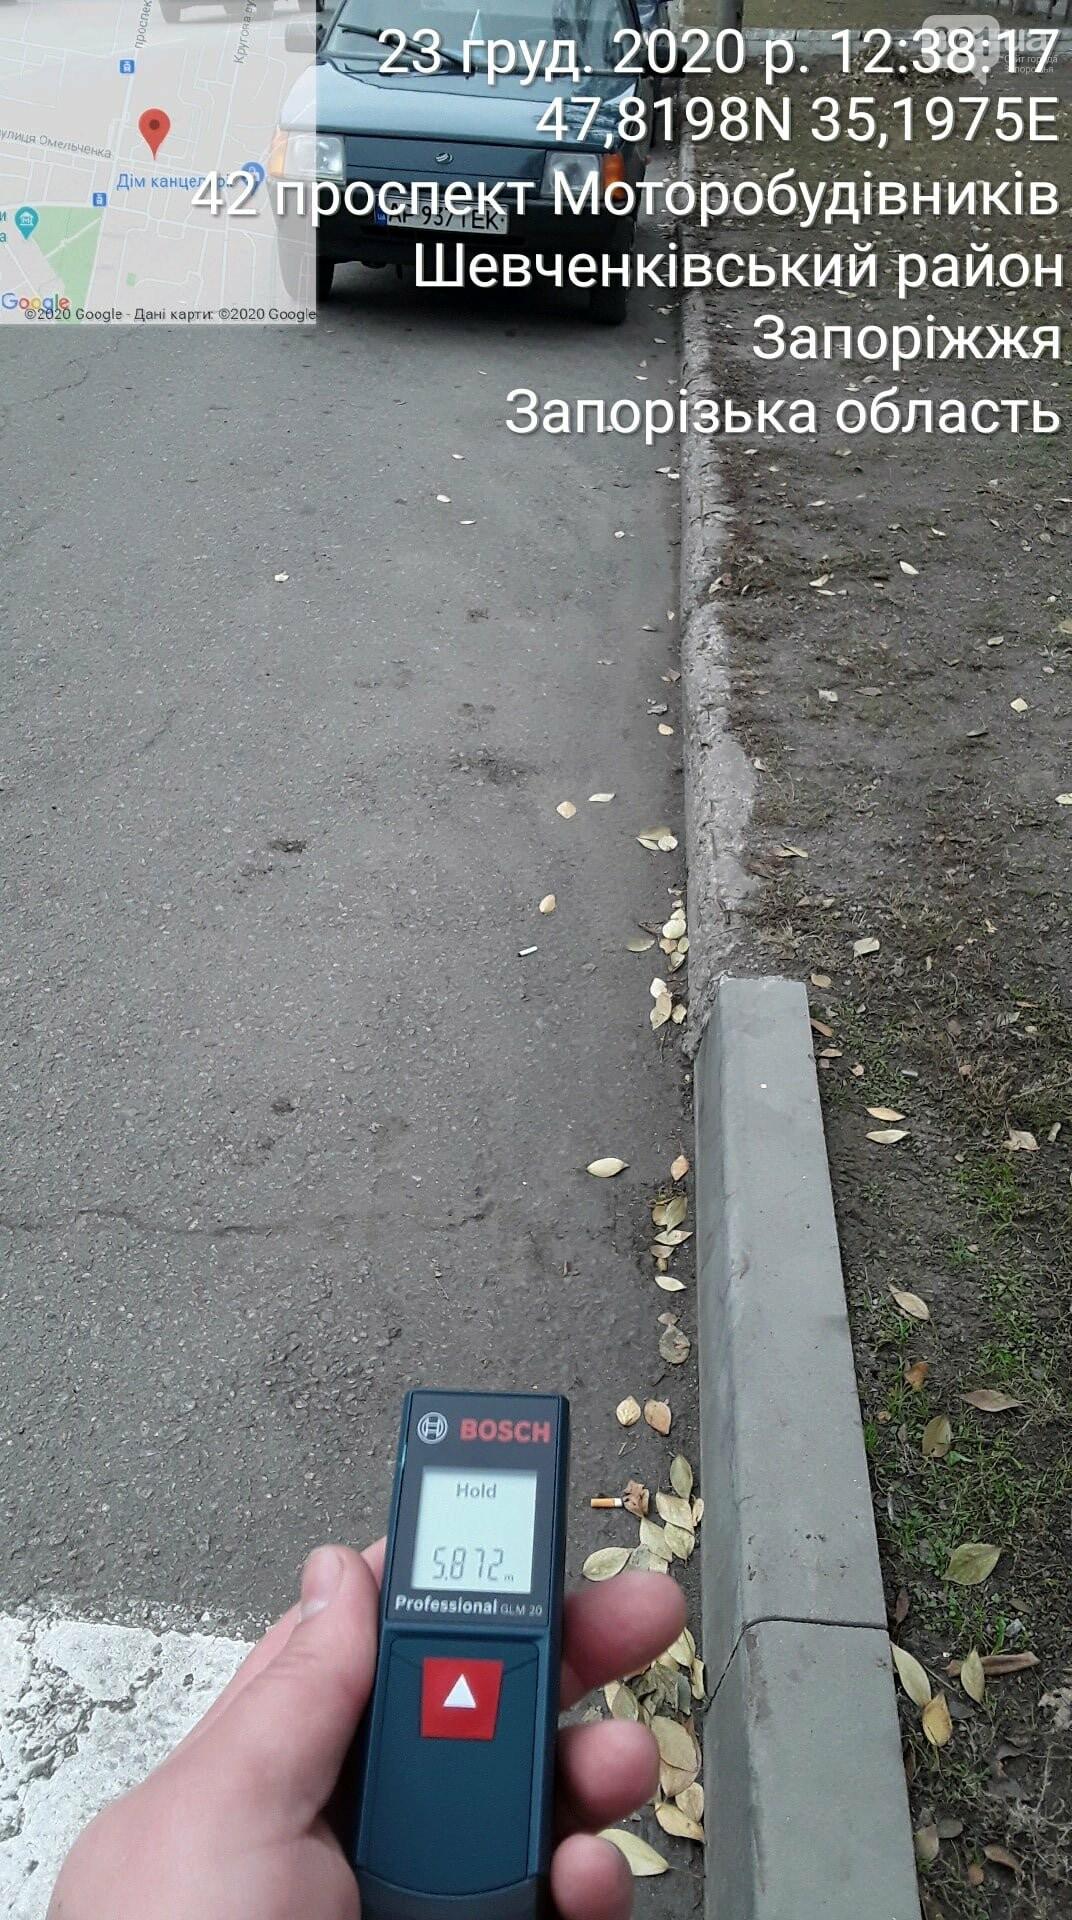 В Запорожье инспекторы по парковке уже в четвертый раз оштрафовали владельца авто, фото-3